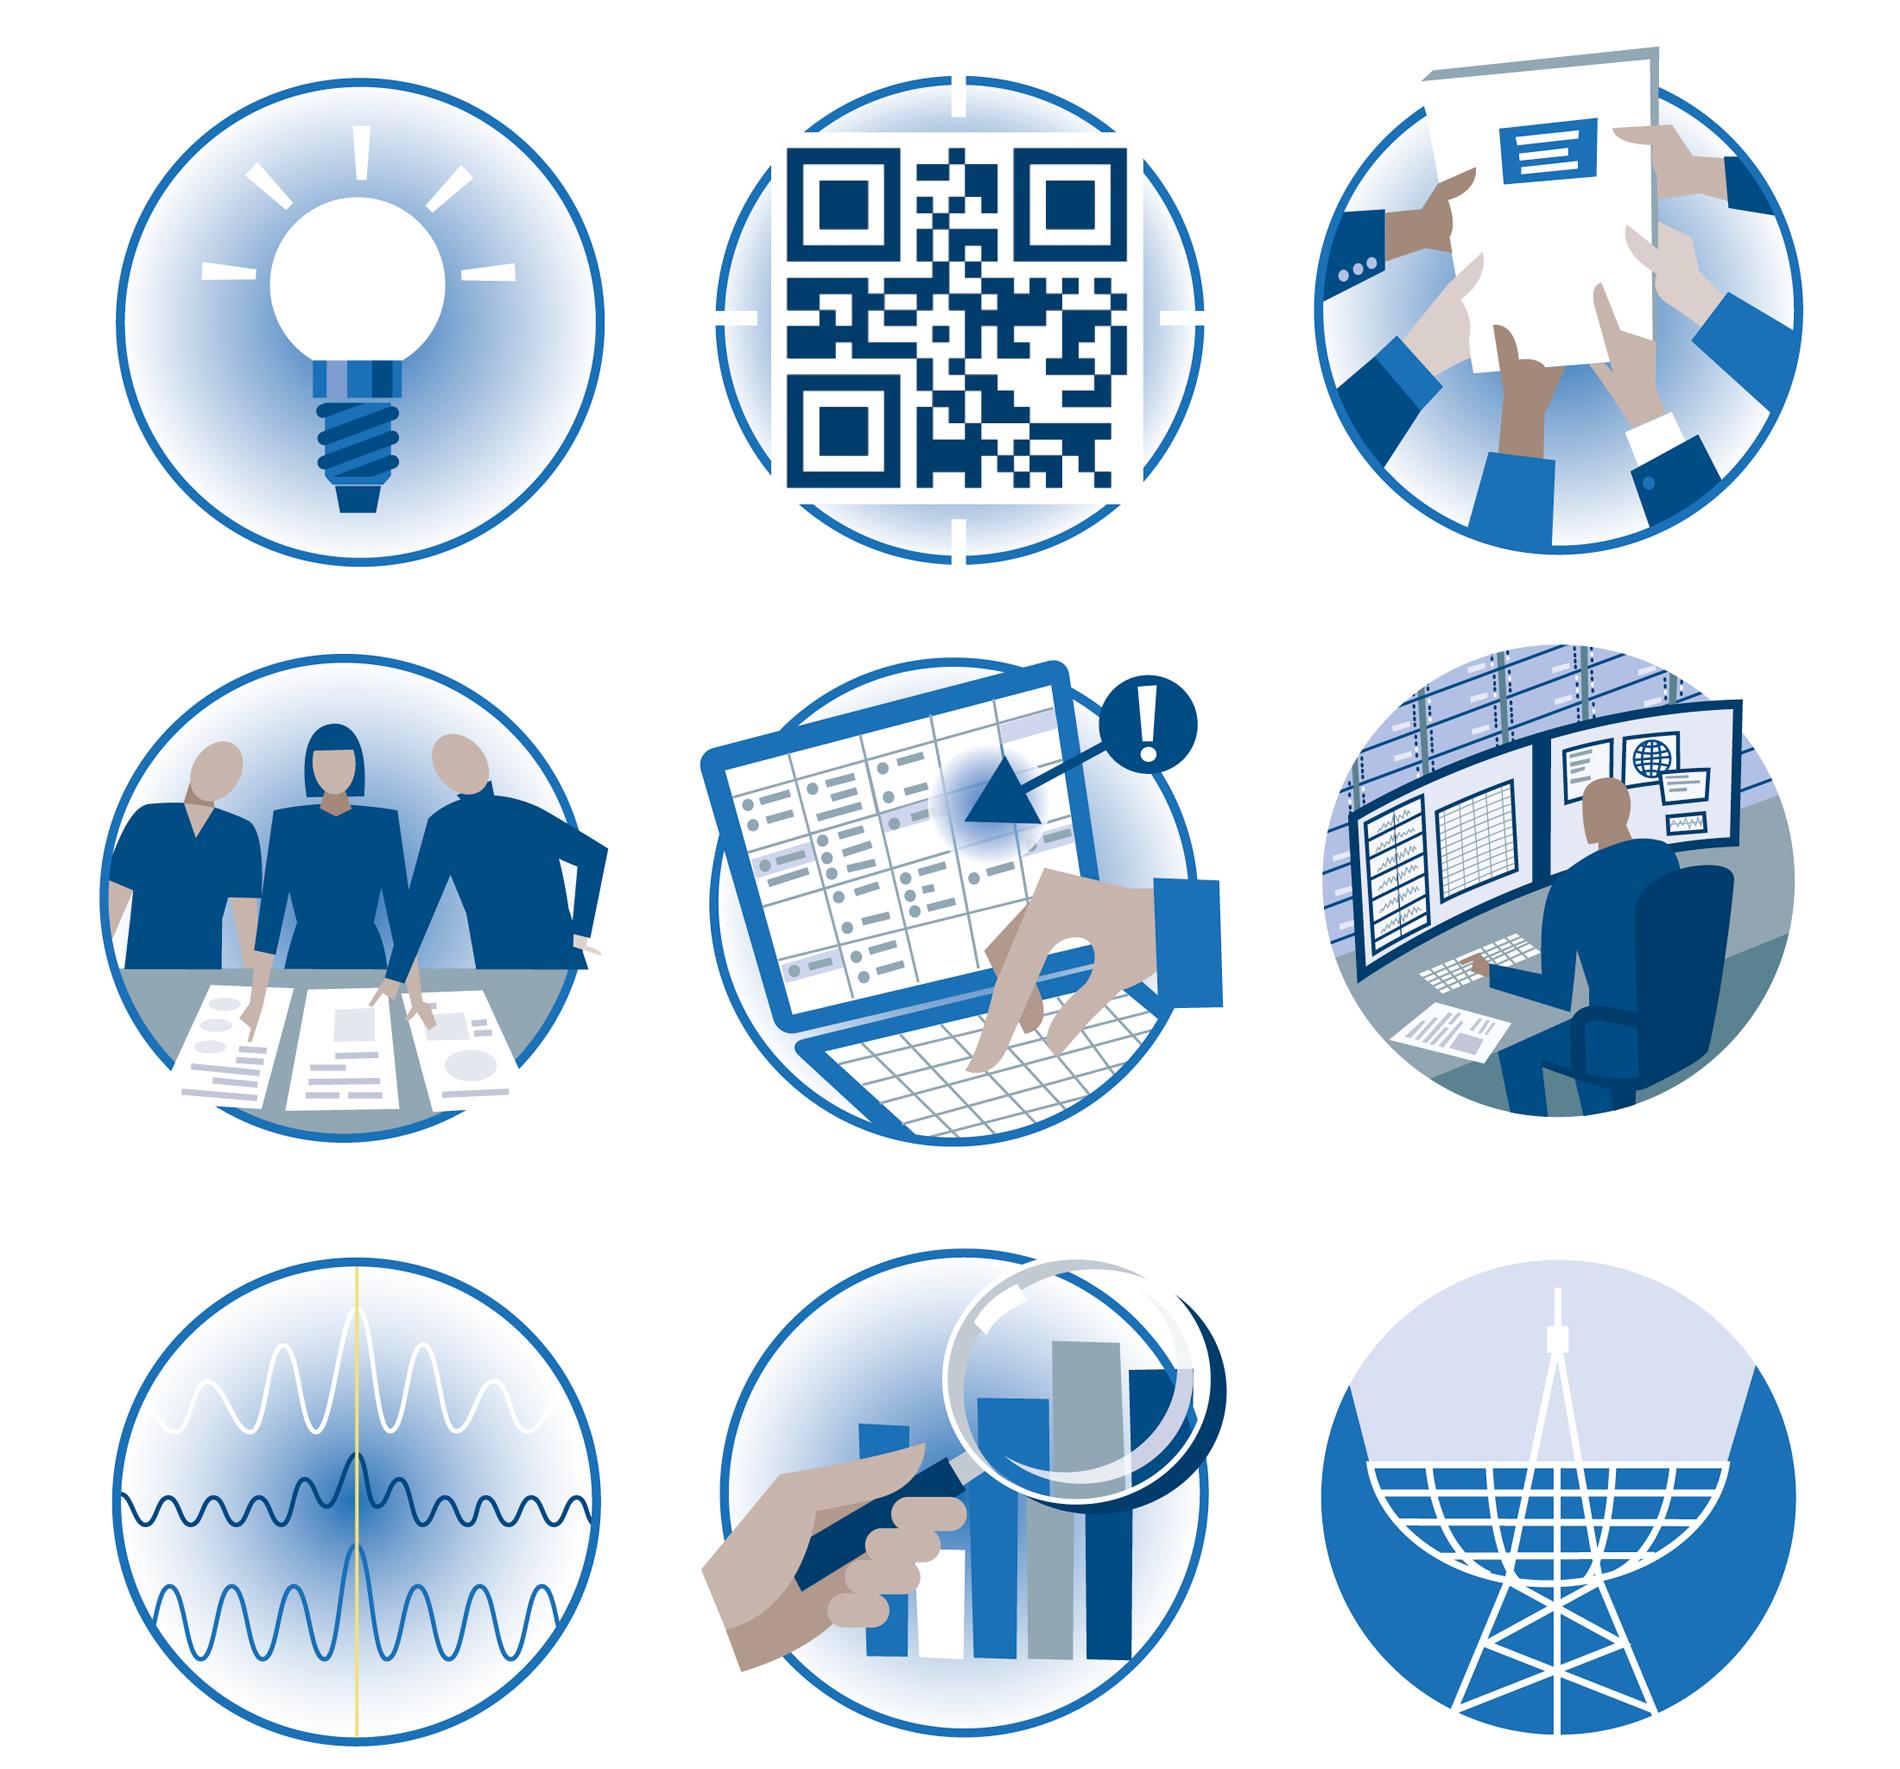 pictogrammen voor een brochure voor astronomen met behulp van radiotelescoop gegevens